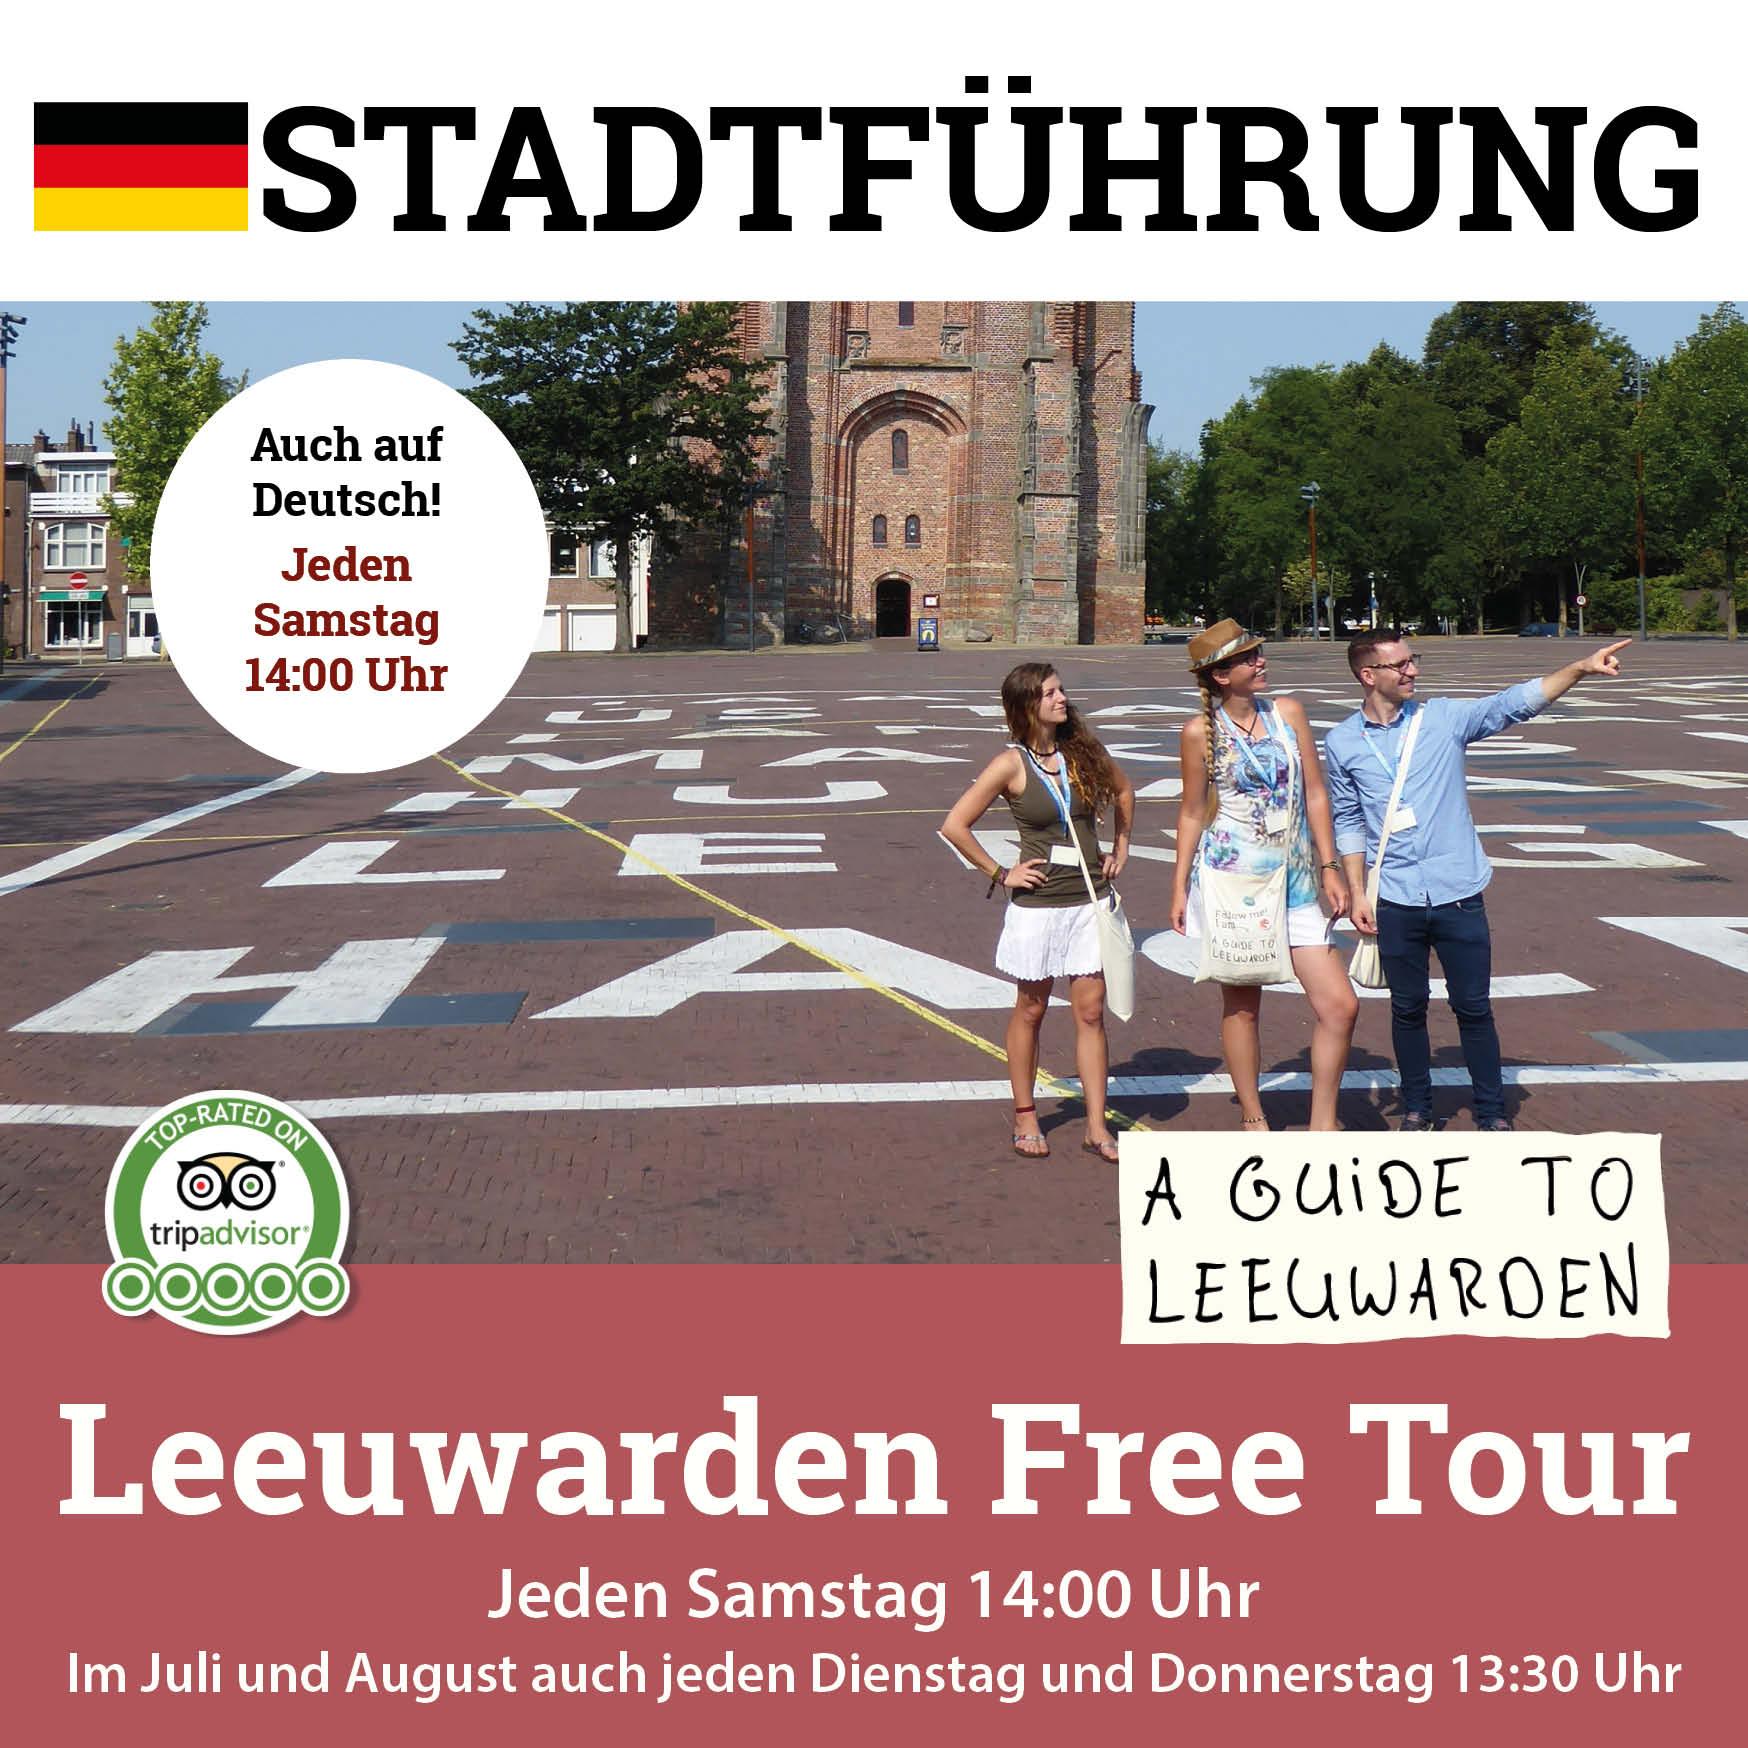 Leeuwarden Free Tour auf Deutsch